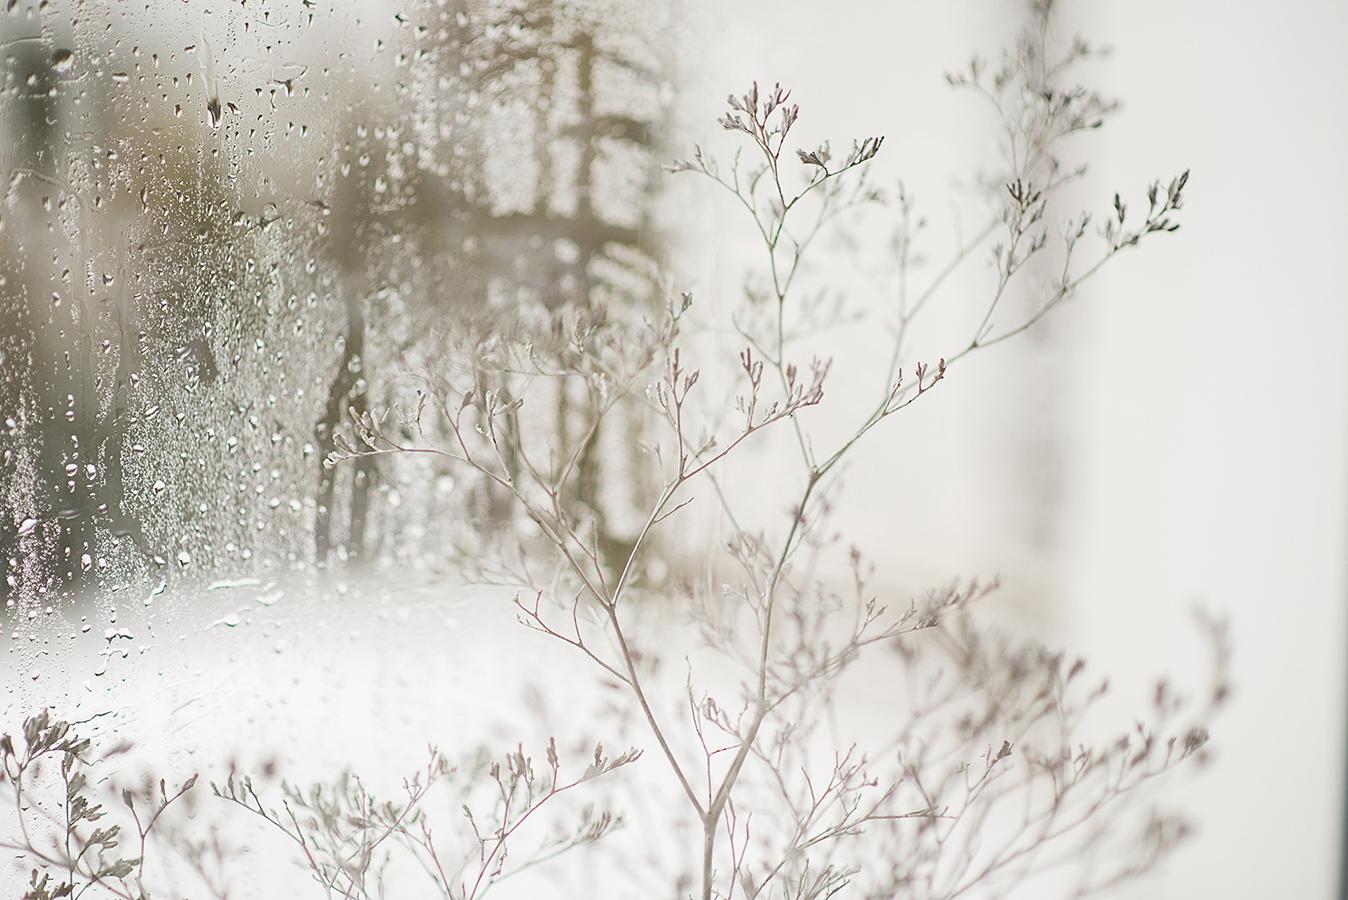 MILUNA-Ewa-Milun-Walczak-Piekne-Kwiaty-Zimowy-Zima-makro-suchotka-bialy-6